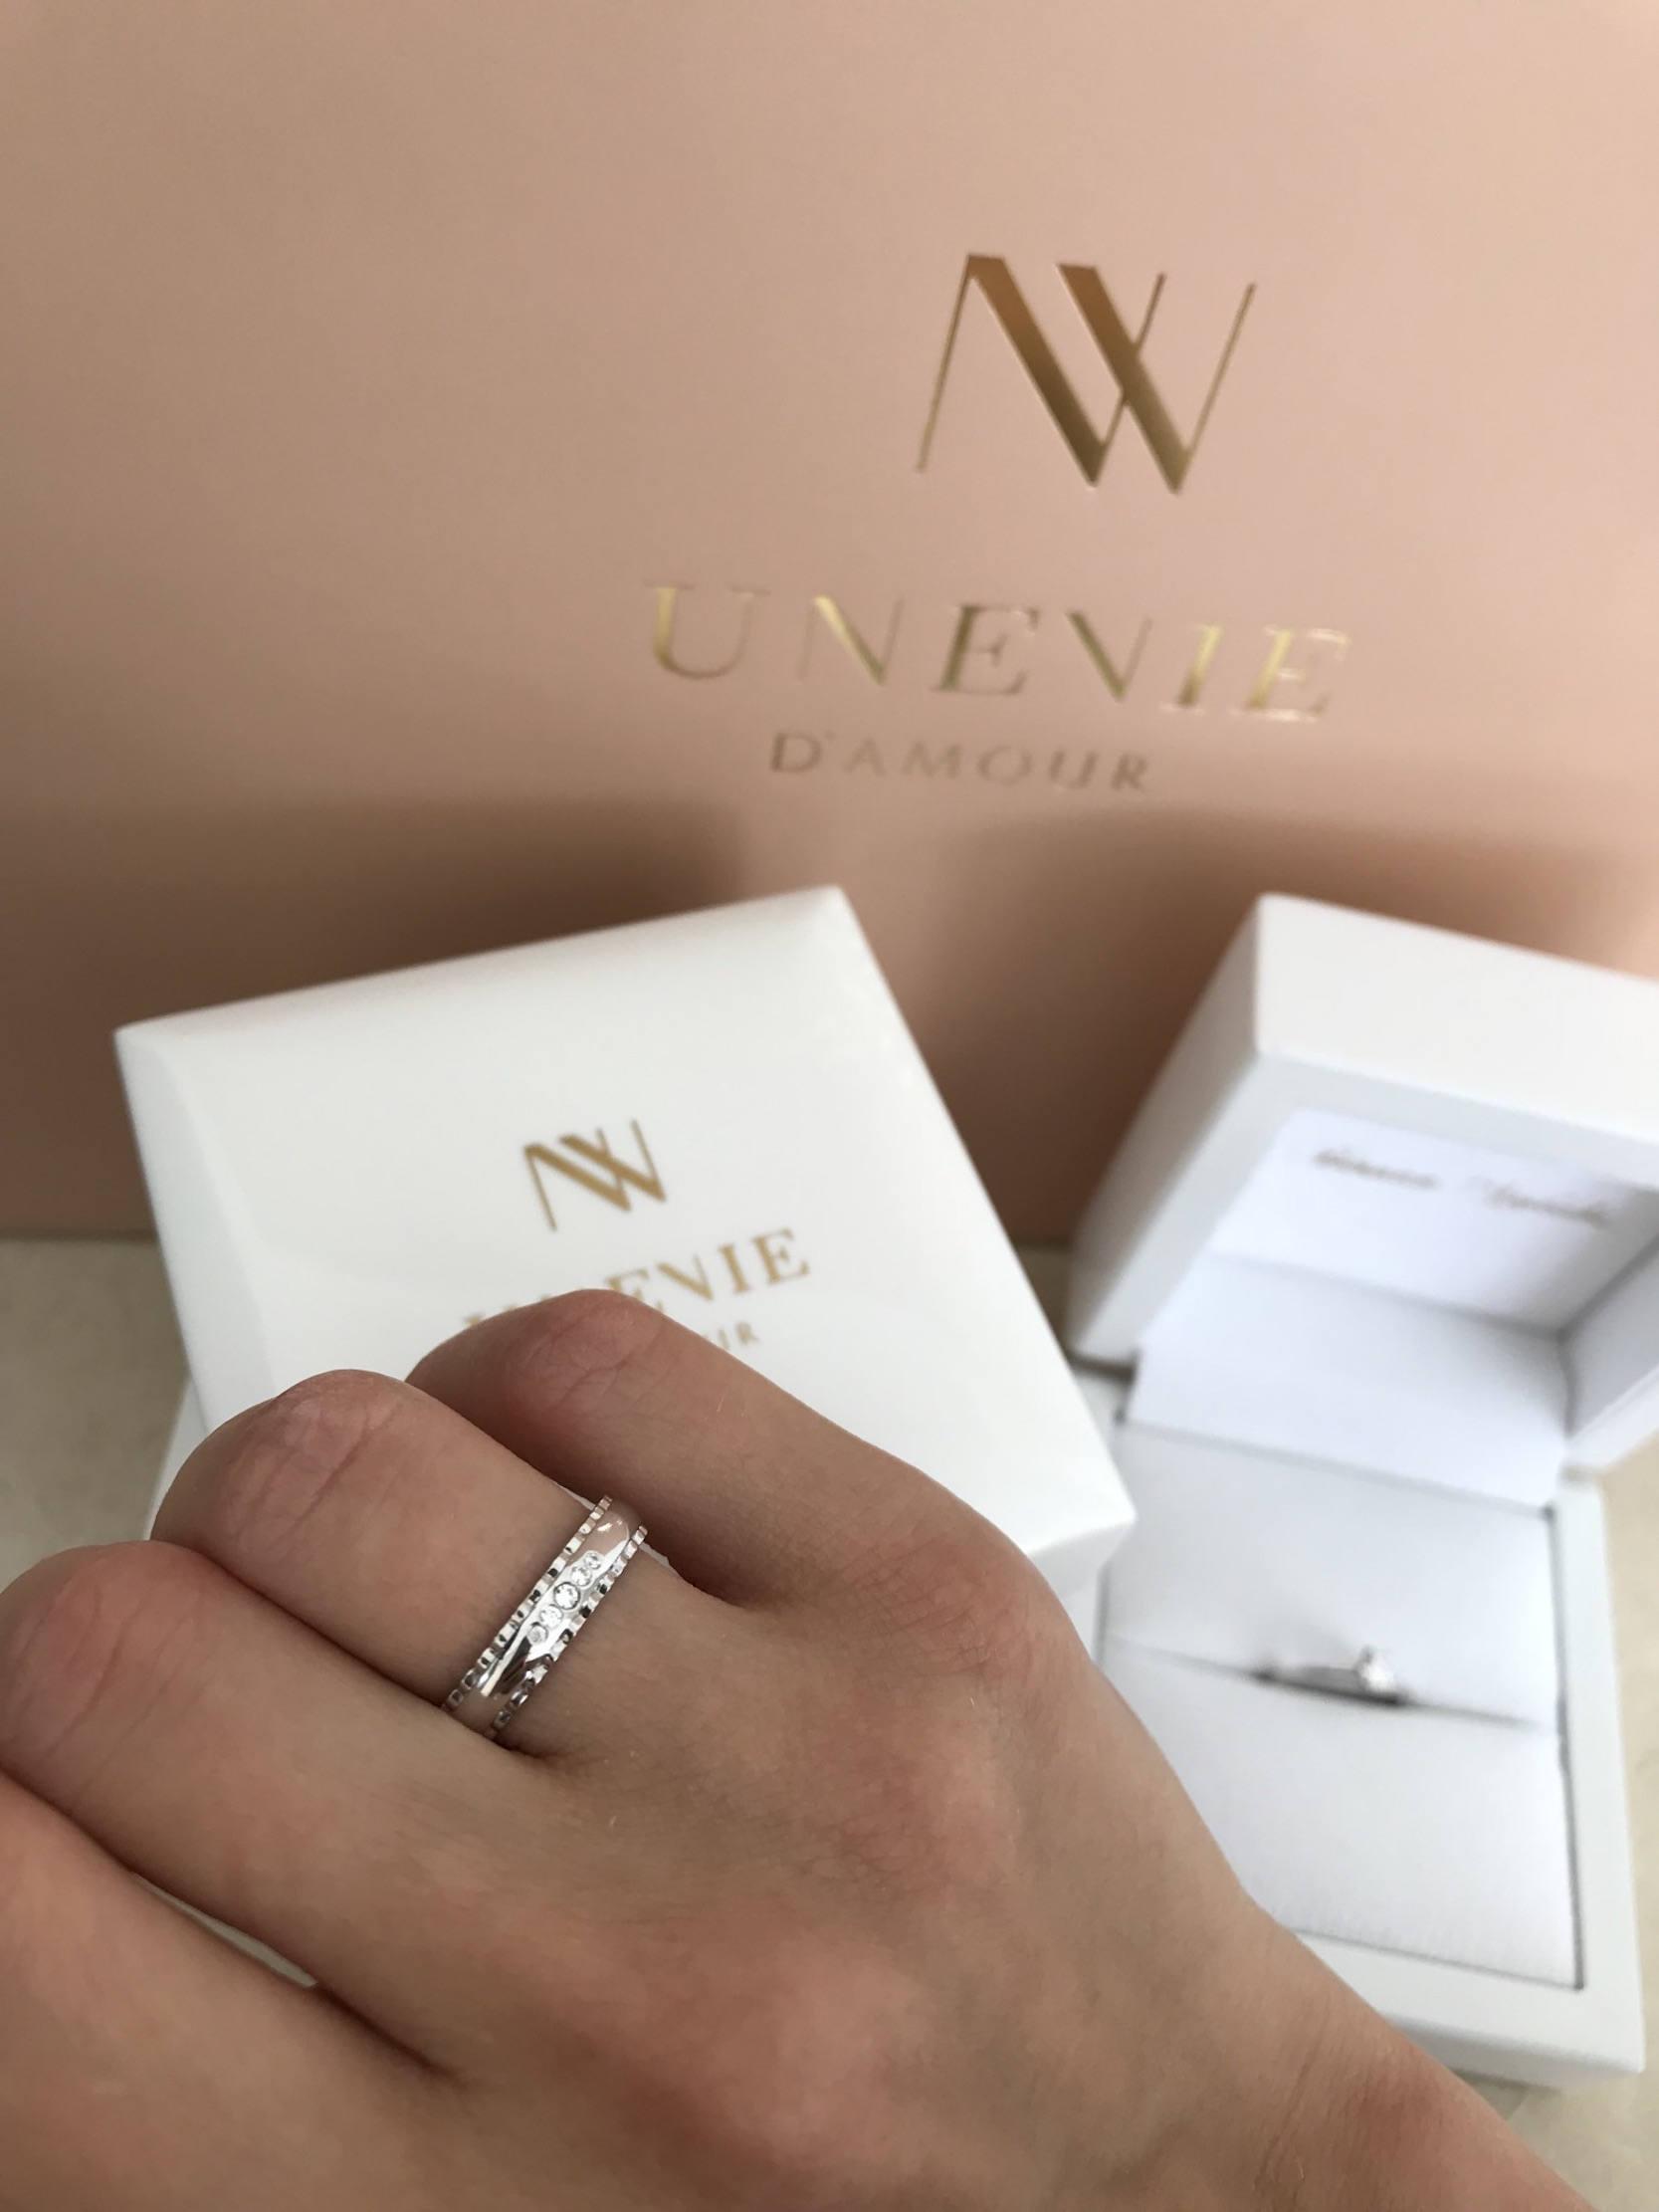 NV5 - парные обручальные кольца из золота 585 пробы с бриллиантами